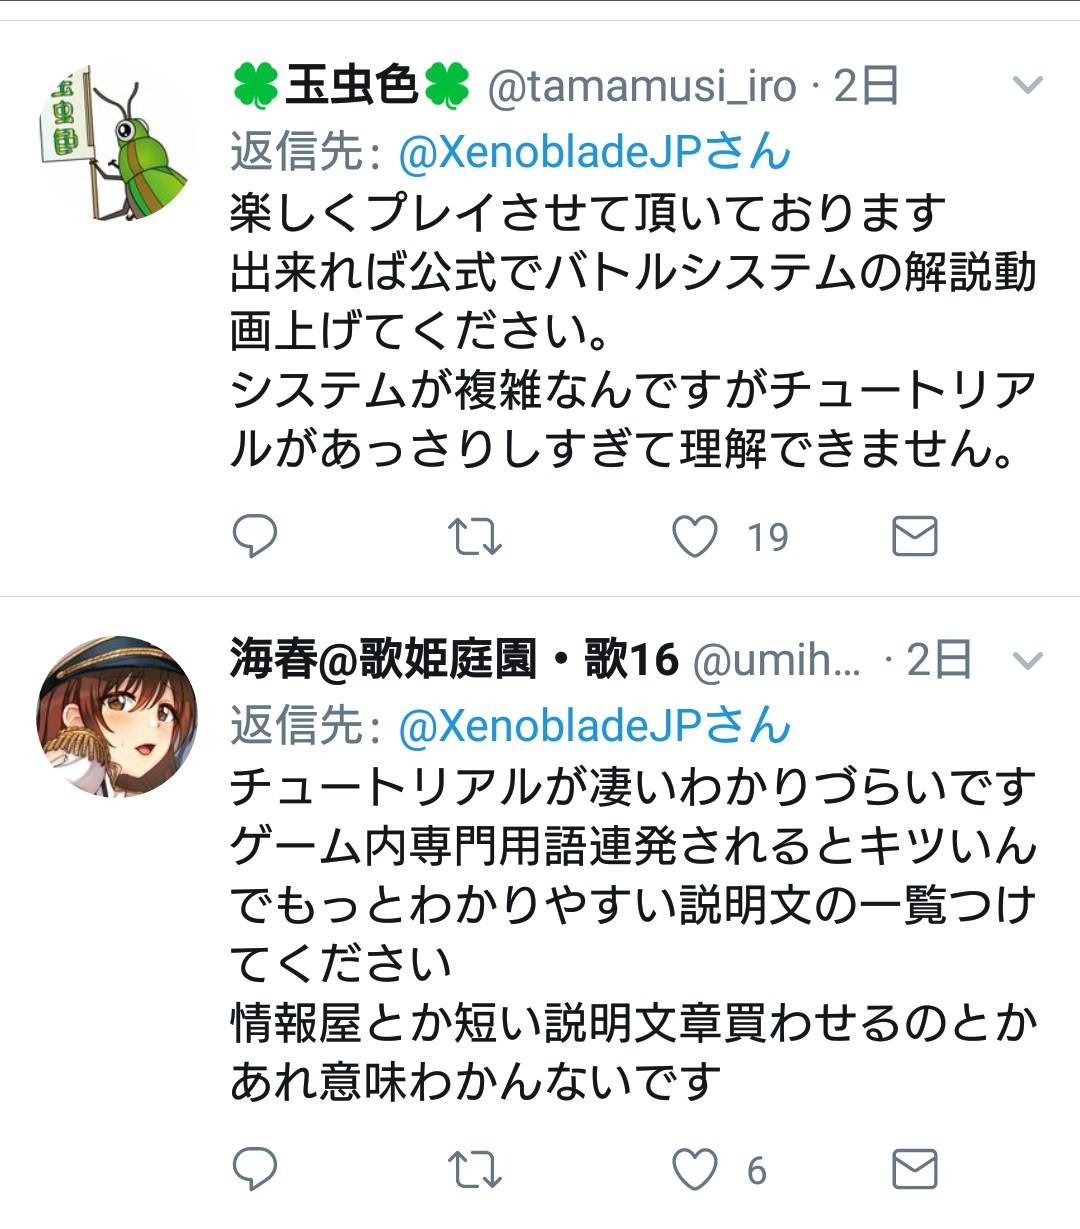 GuiRUfIhkZyQN - 【悲報】ゼノブレイド2  ゲーム内に複雑な戦闘の説明がないためtwitterで説明し始める